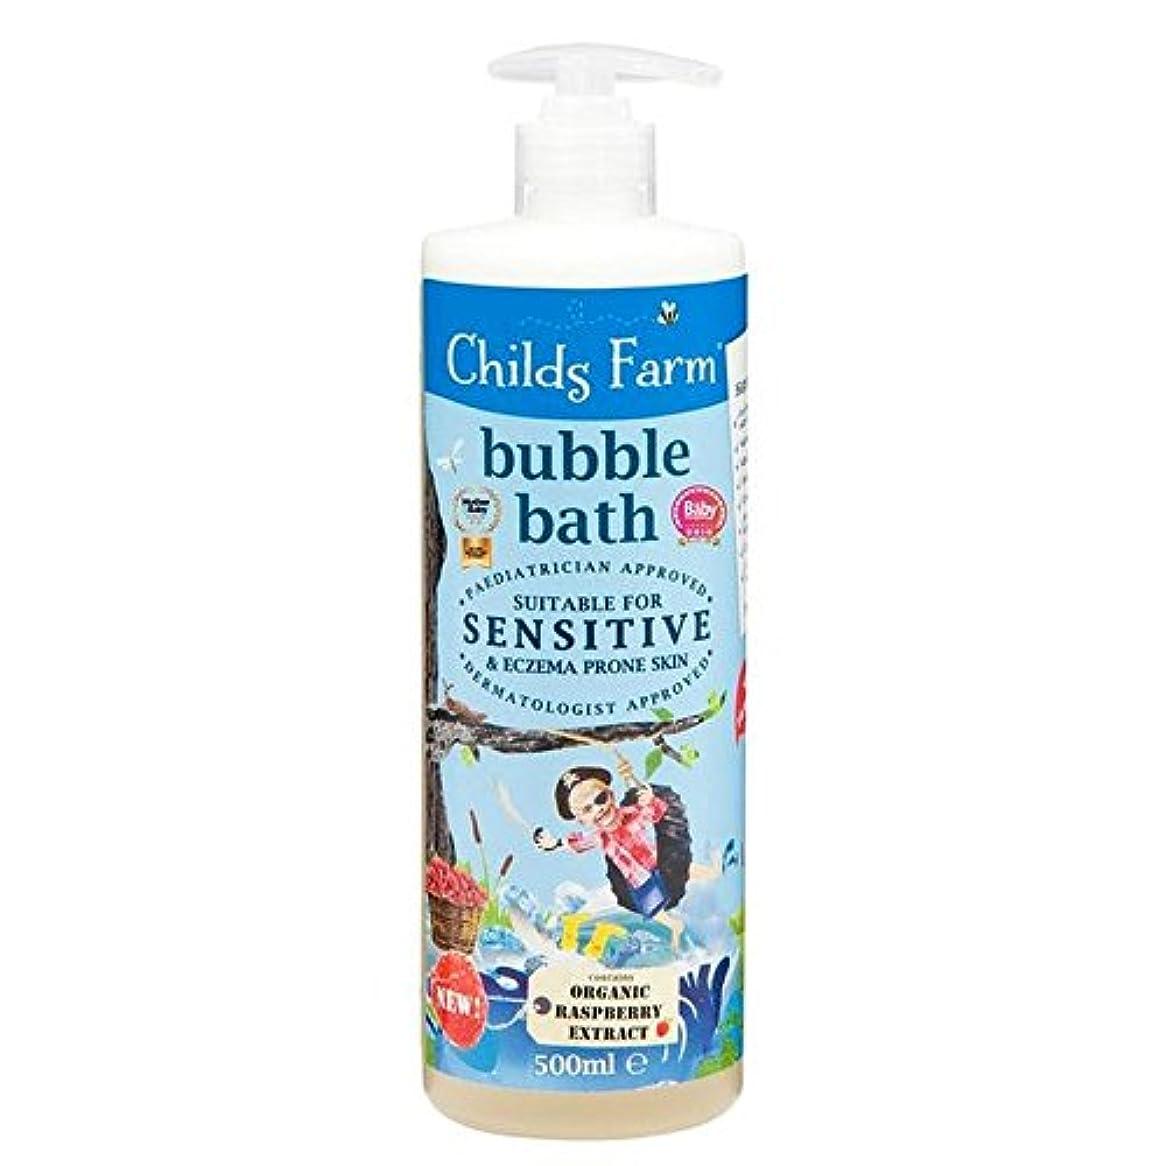 コーンウォール他のバンドで薄めるChilds Farm Bubble Bath for Bucaneers 500ml (Pack of 6) - 500ミリリットルのための農場の泡風呂をチャイルズ x6 [並行輸入品]